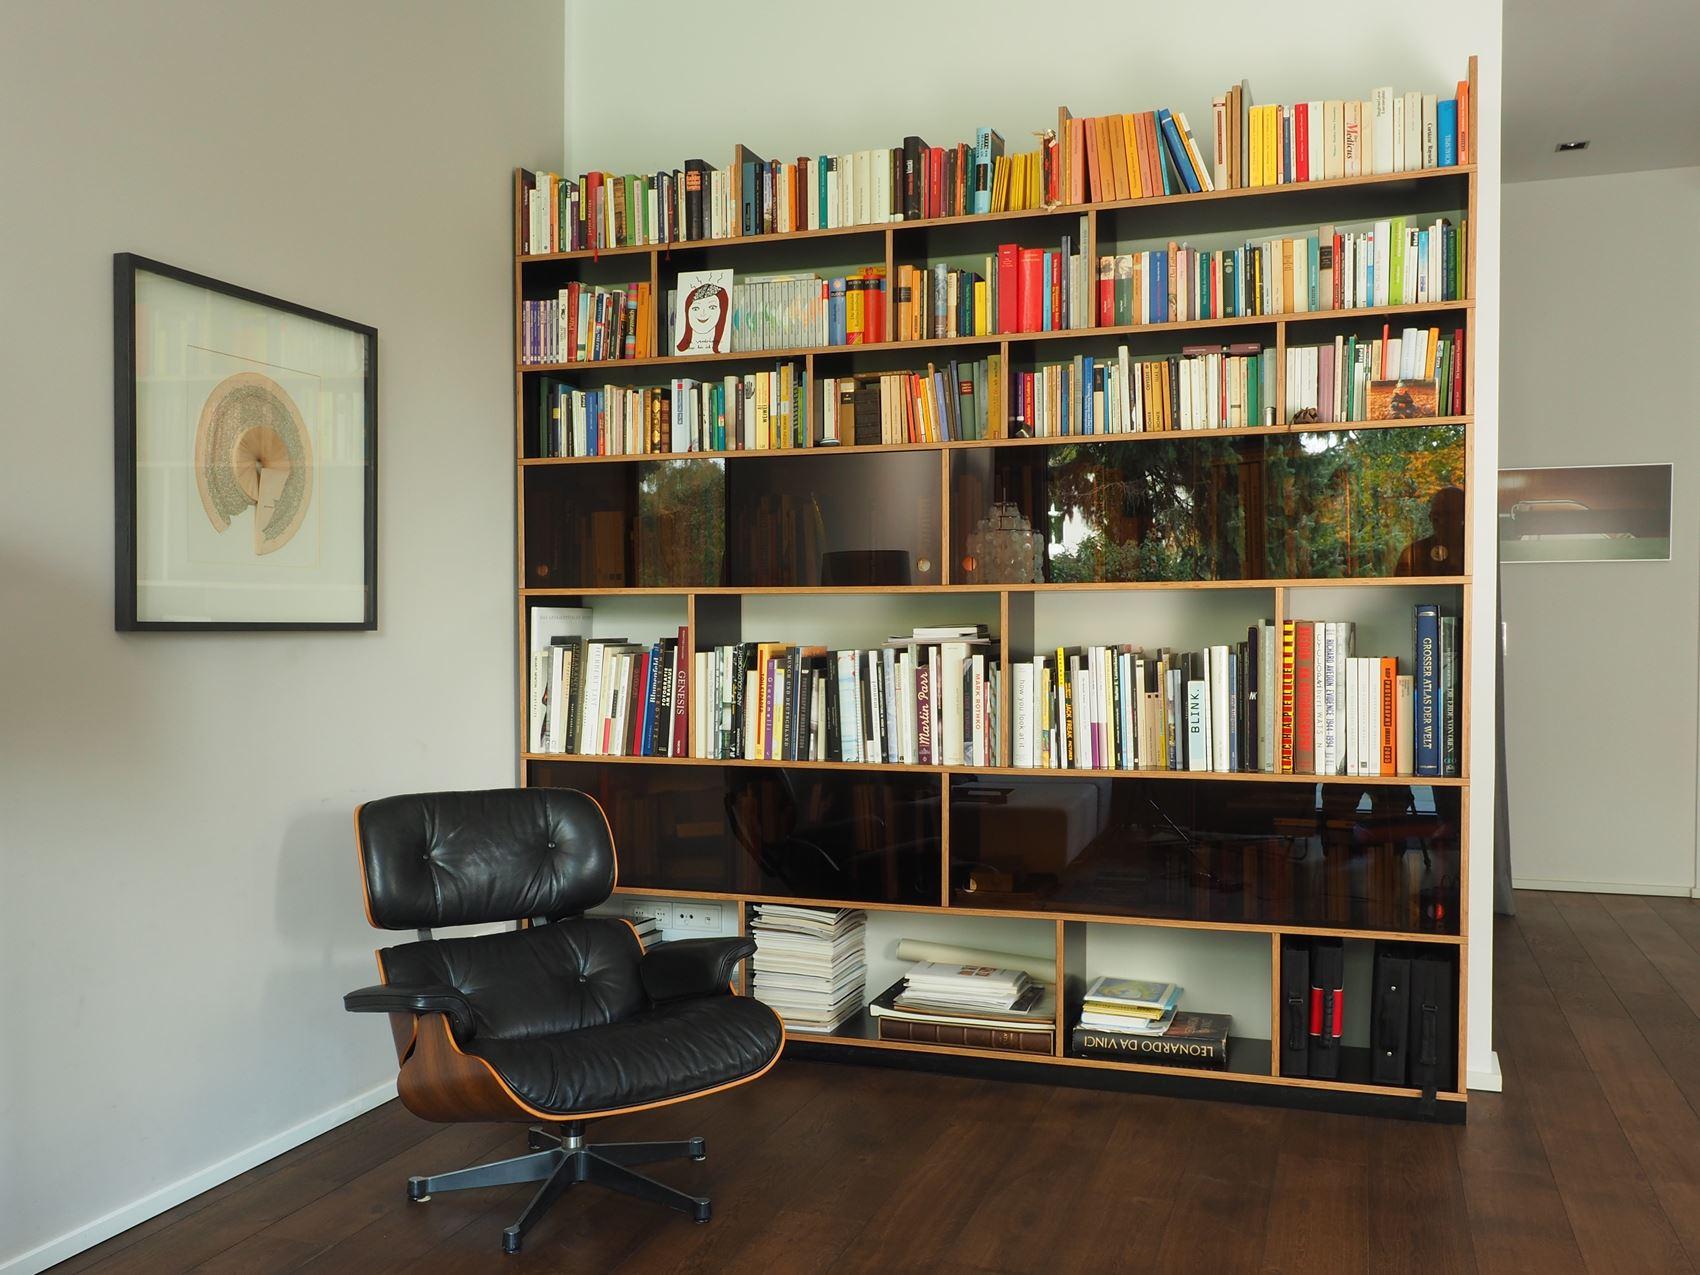 Bücherregal aus Multiplex HAMBURGERmöbel - Tischlerei in Hamburg